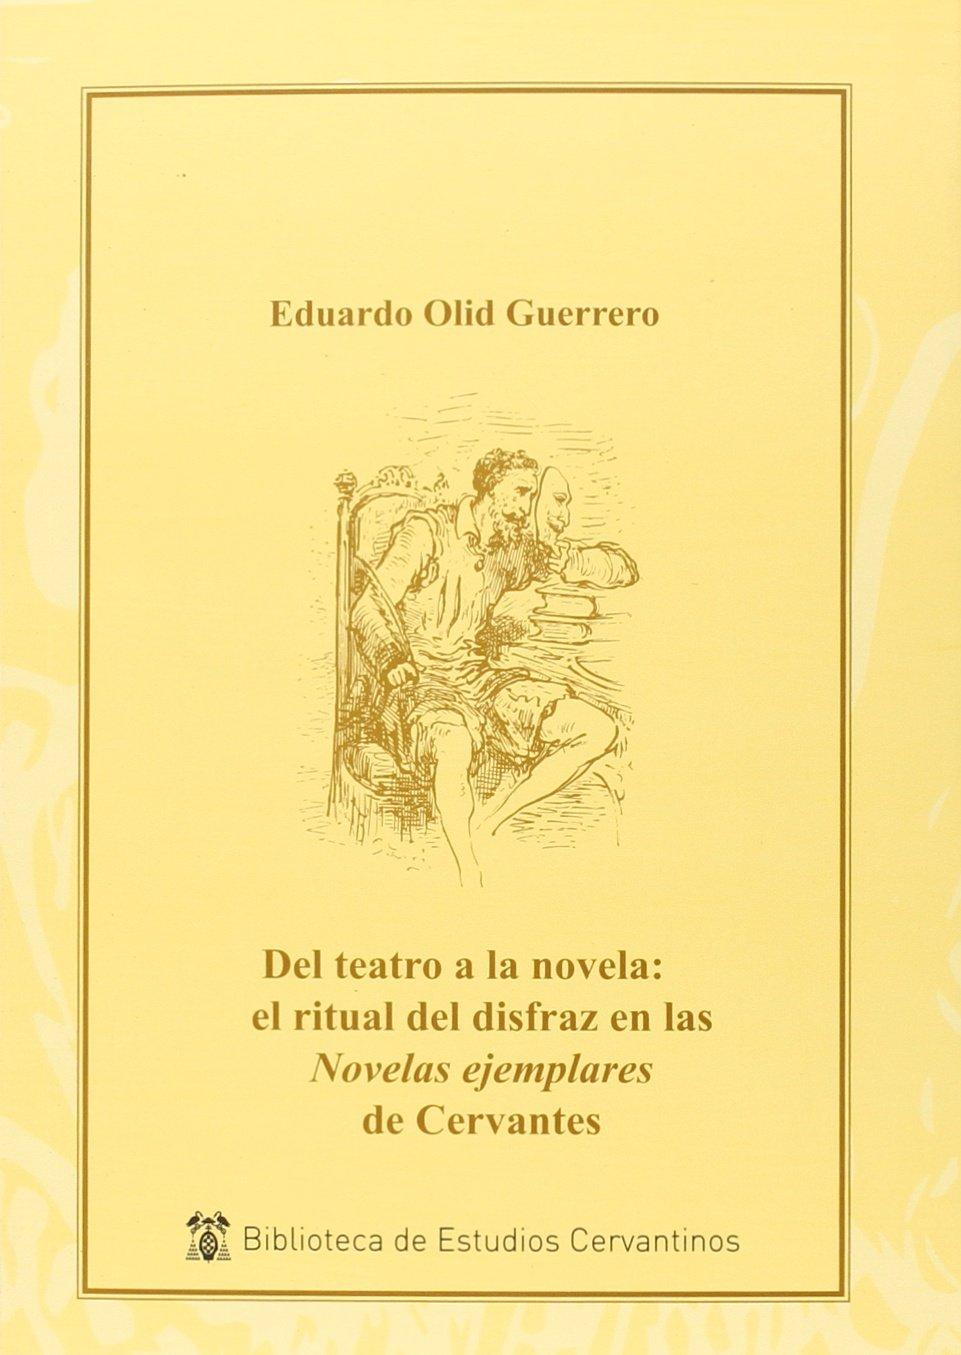 Del teatro a la novela: el ritual del disfraz en las Novelas ...